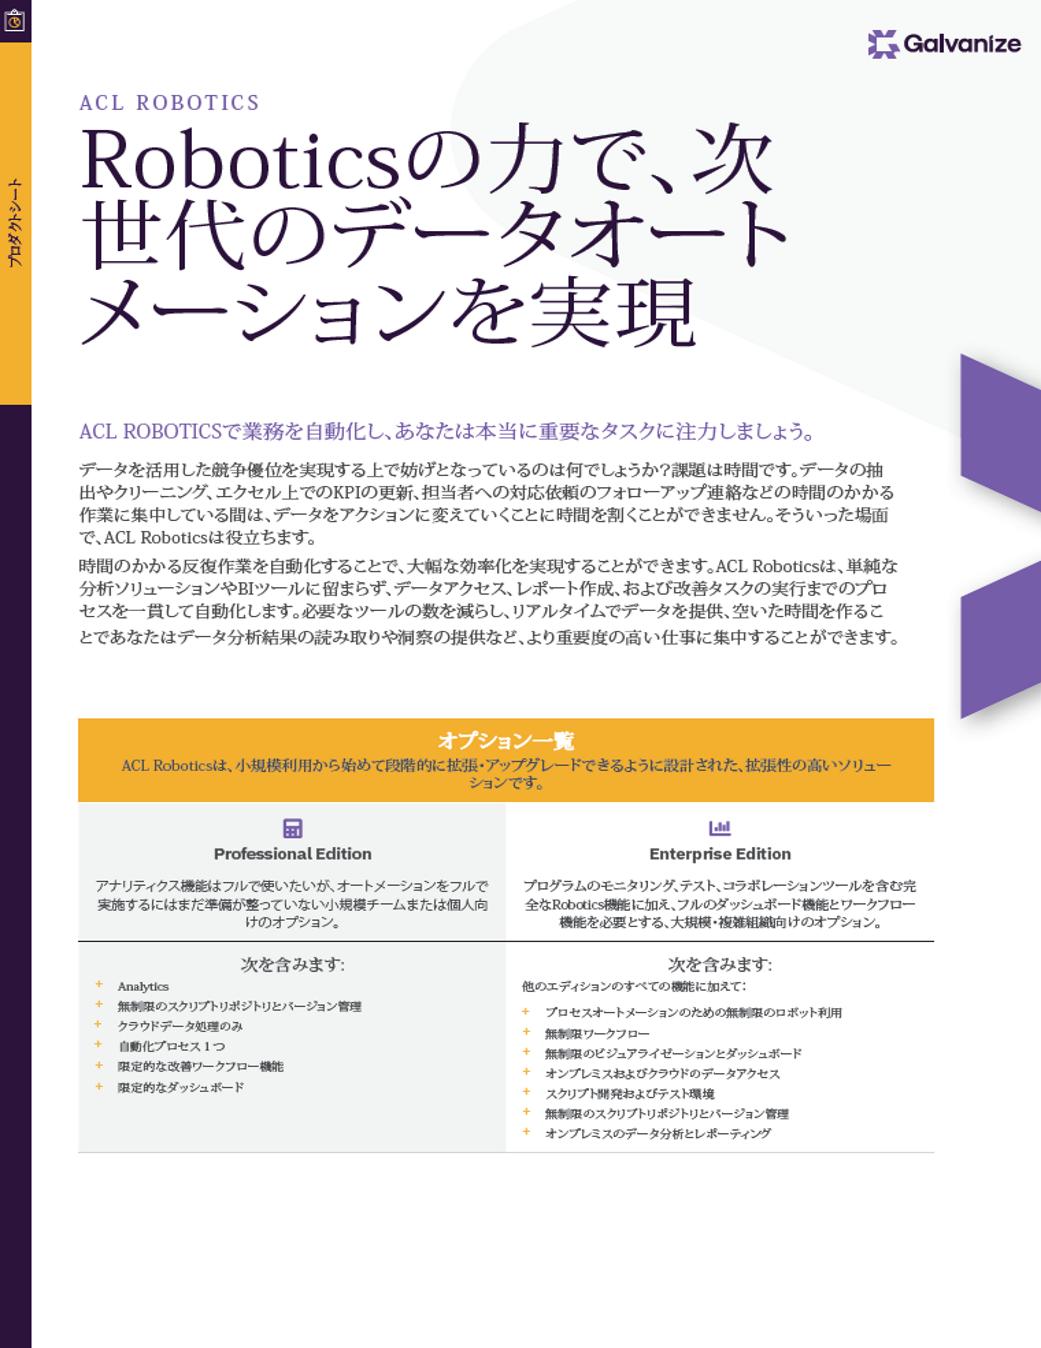 Roboticsの力で、次世代のデータオートメーションを実現